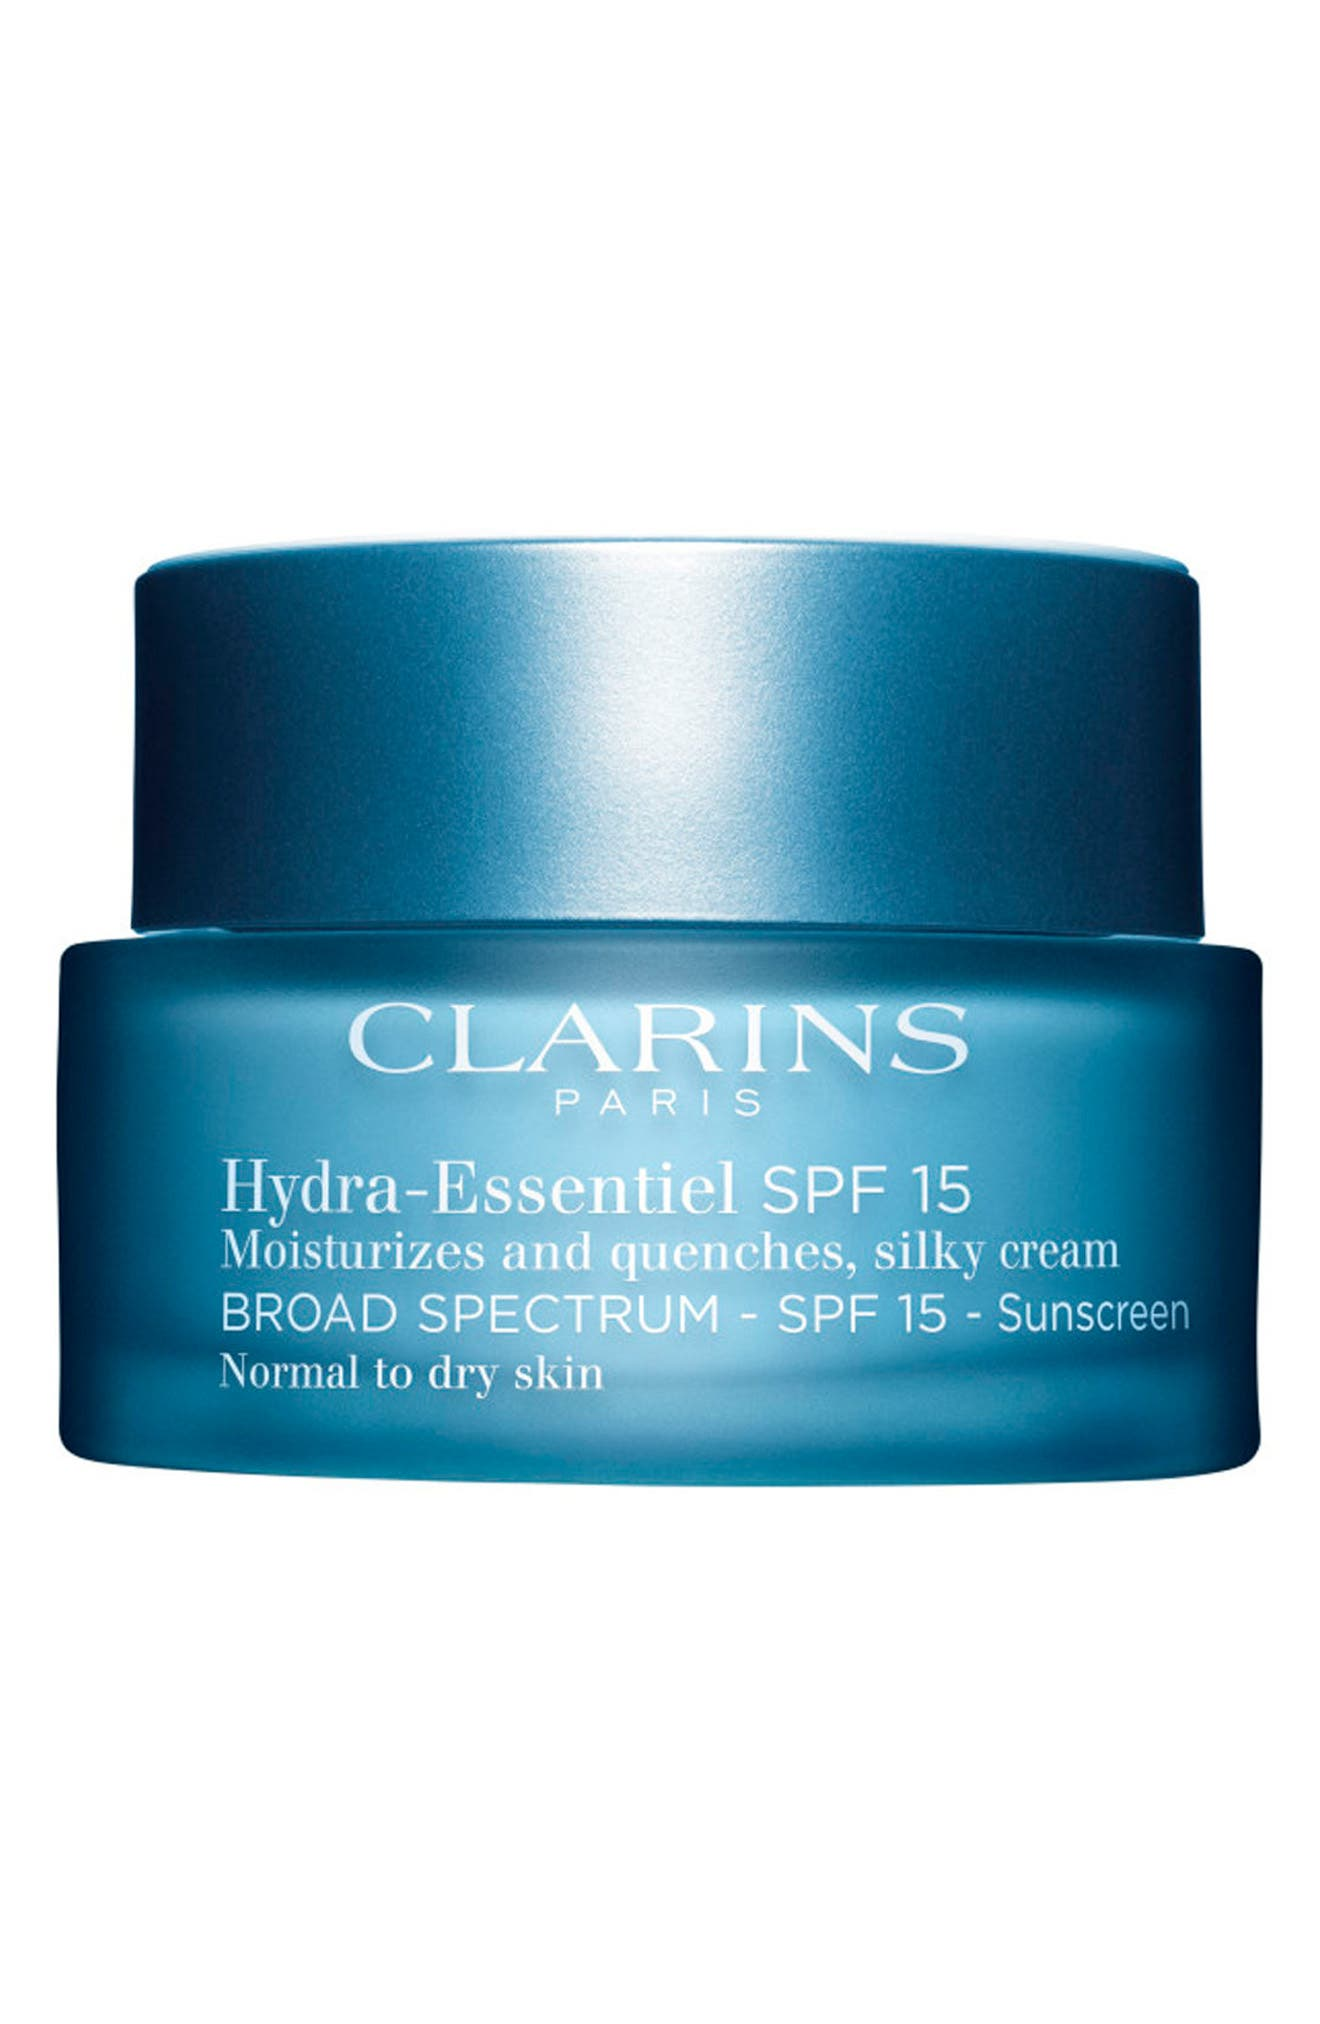 CLARINS Hydra-Essentiel Silk Cream SPF 15, Main, color, NO COLOR